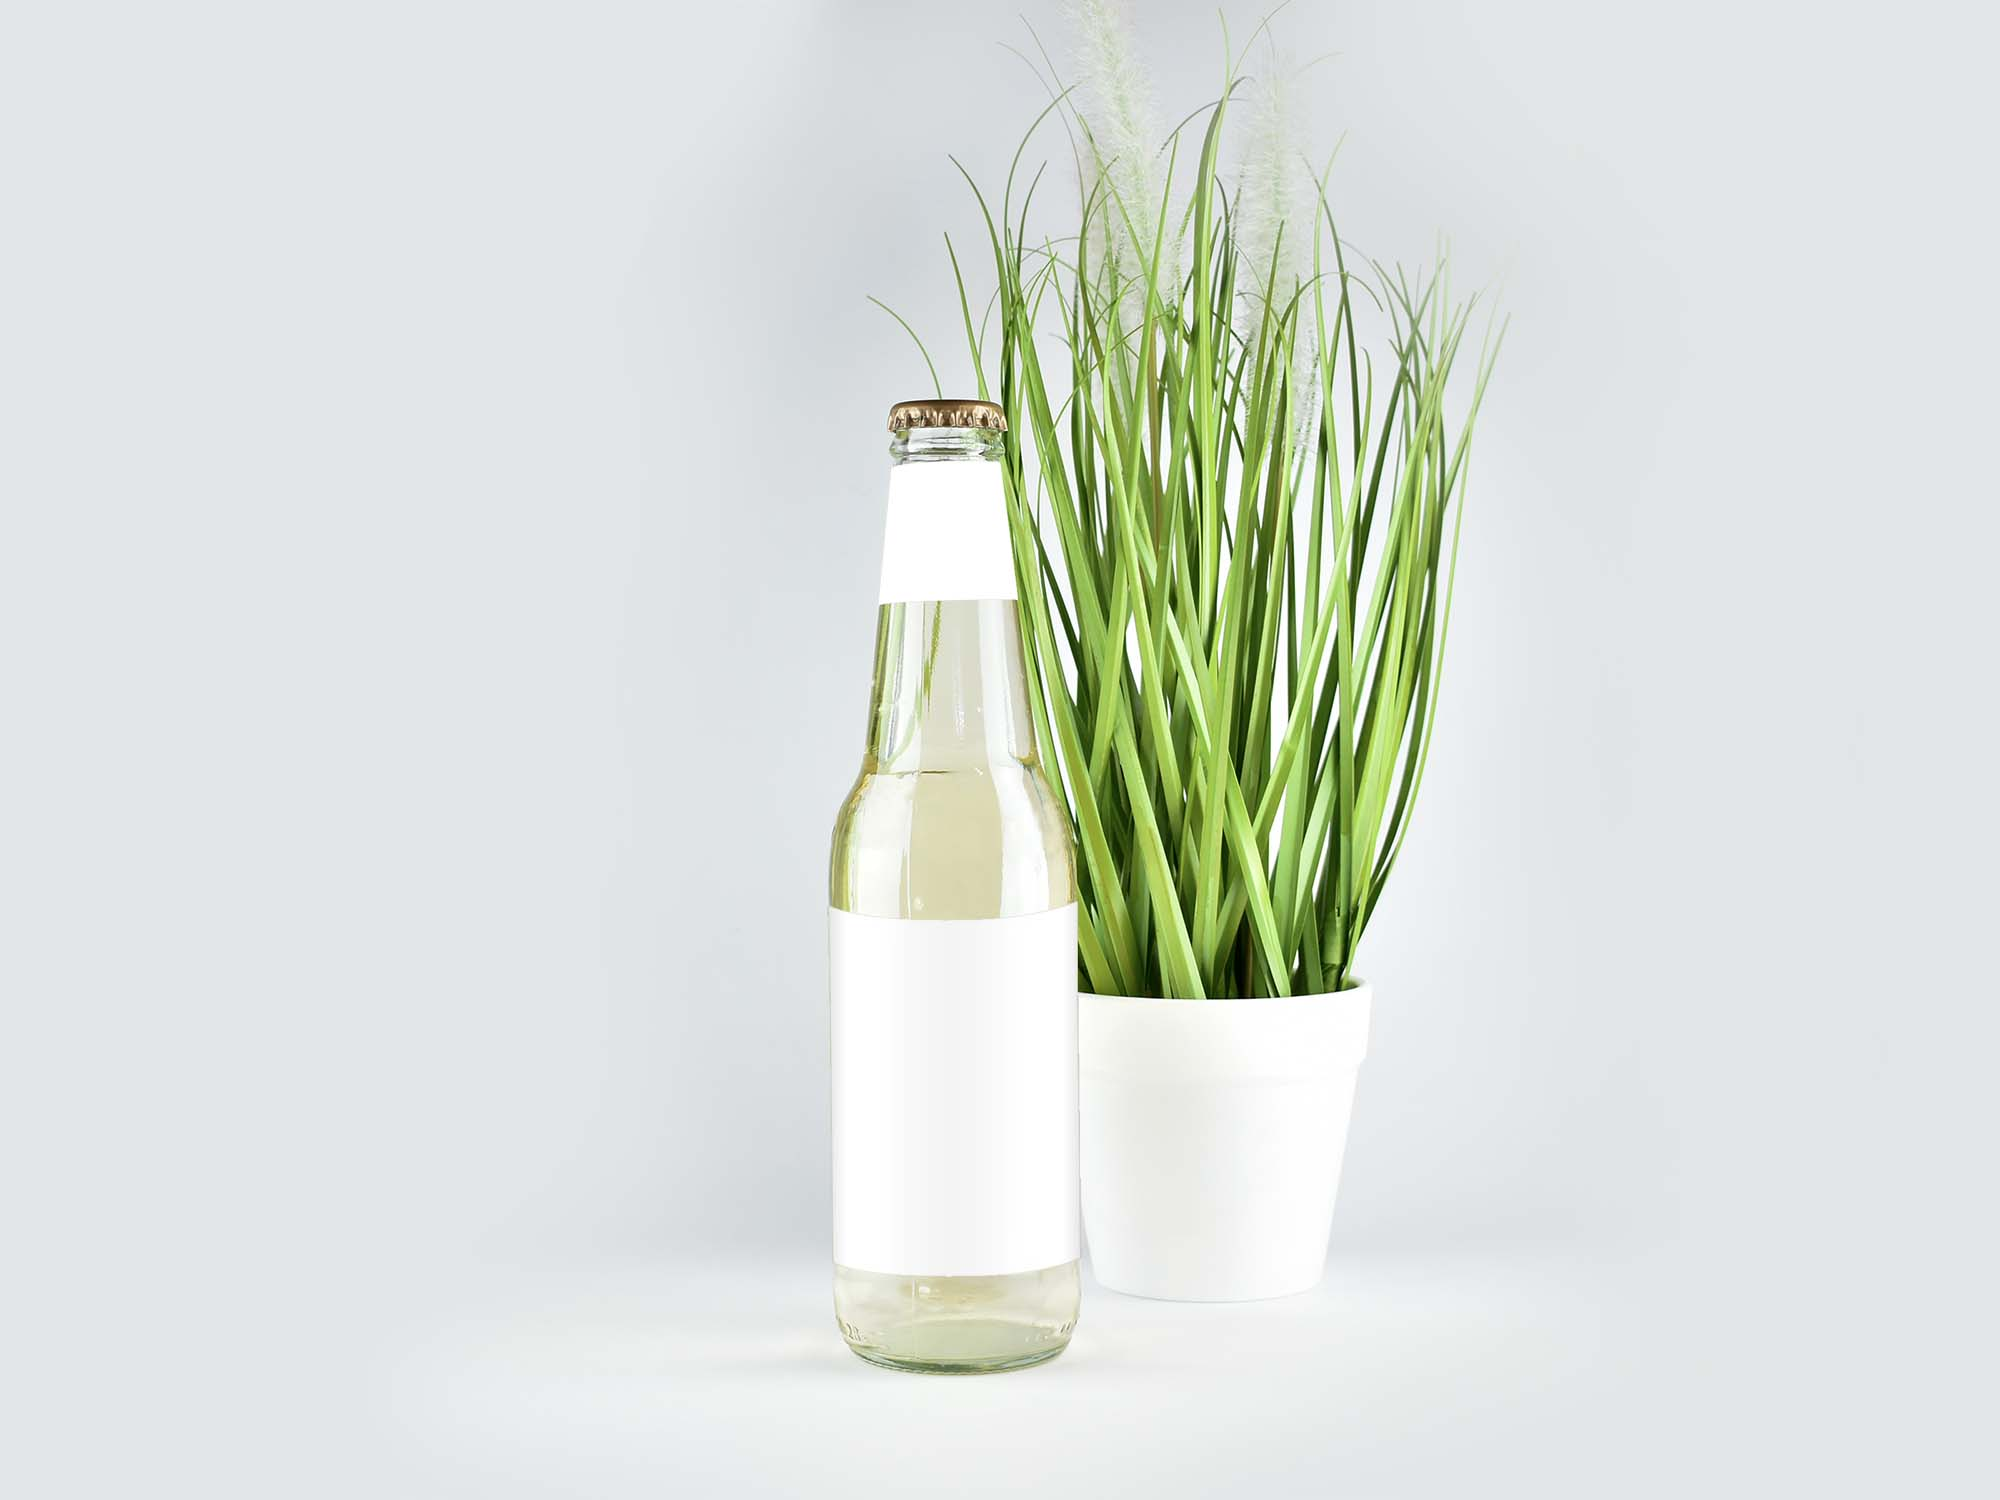 Clear Glass Bottle Mockup 2